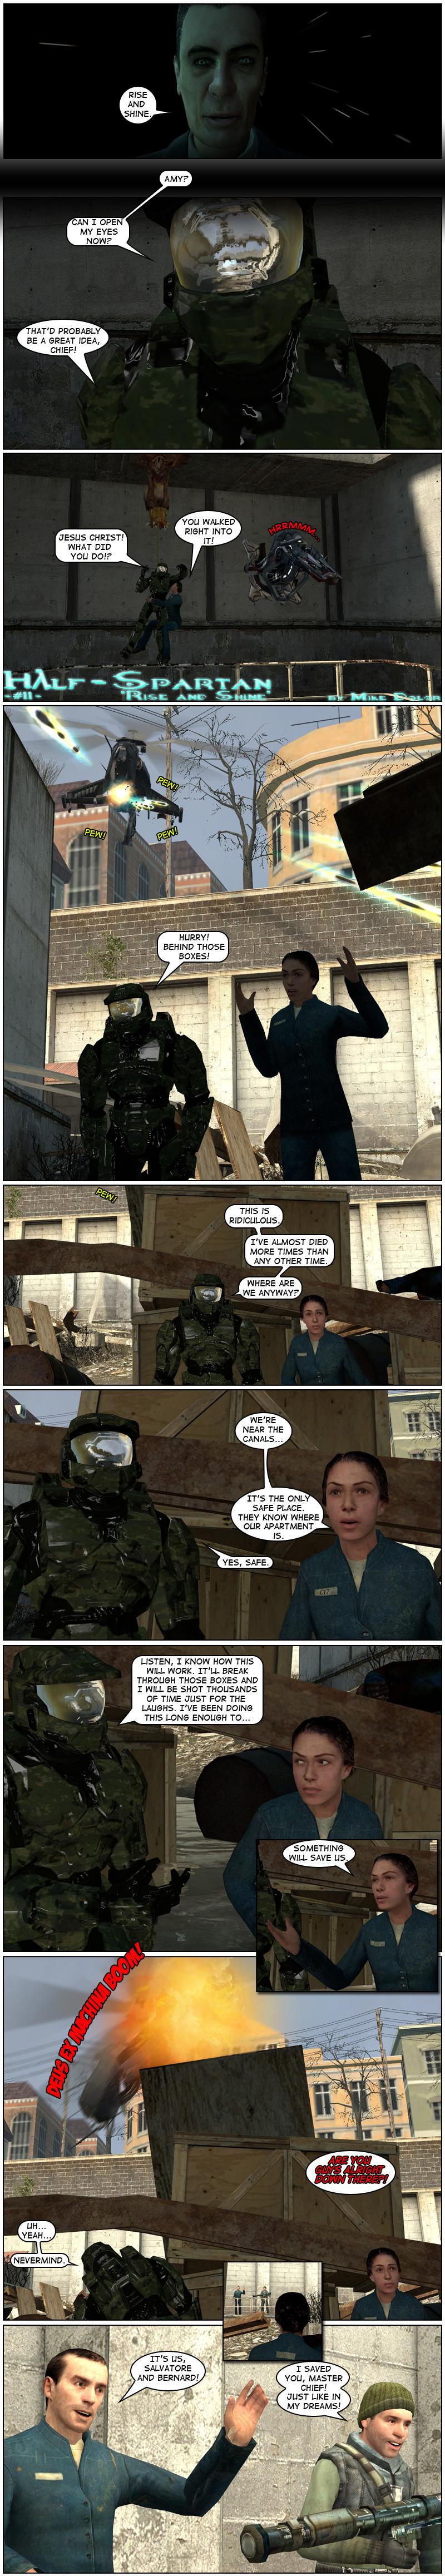 Half-Spartan #11 Page 1